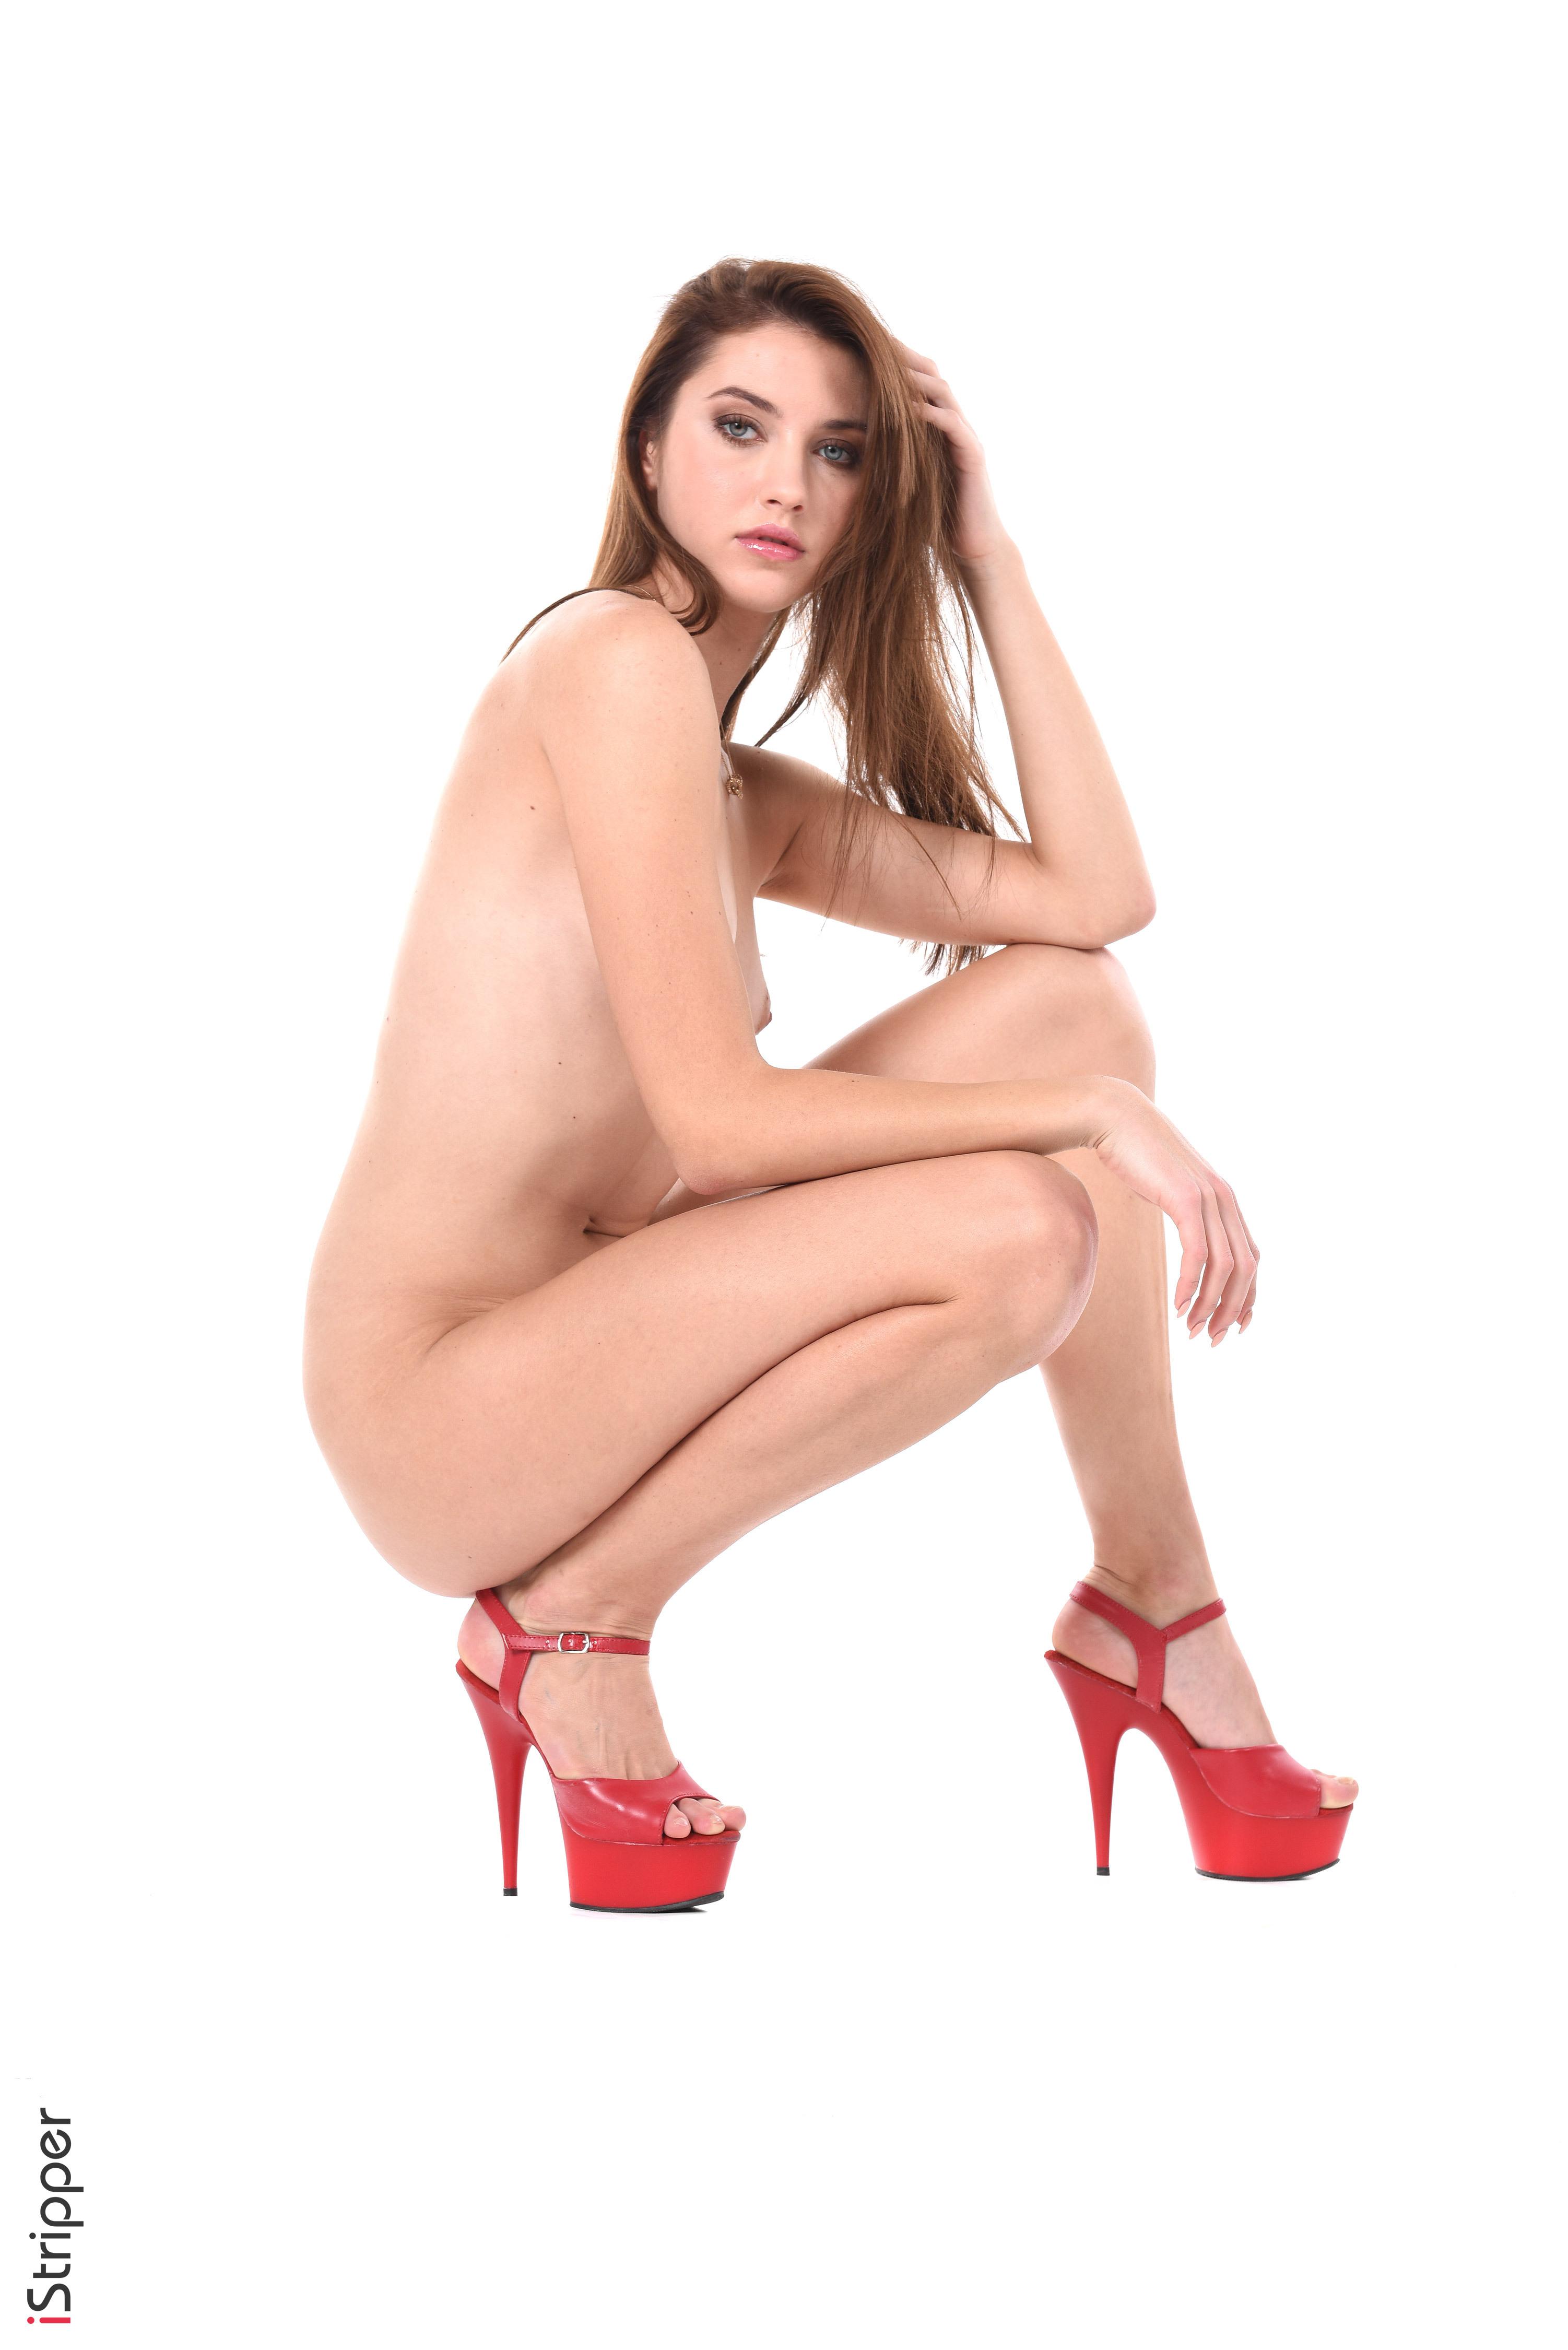 sexy striptease celestia vega